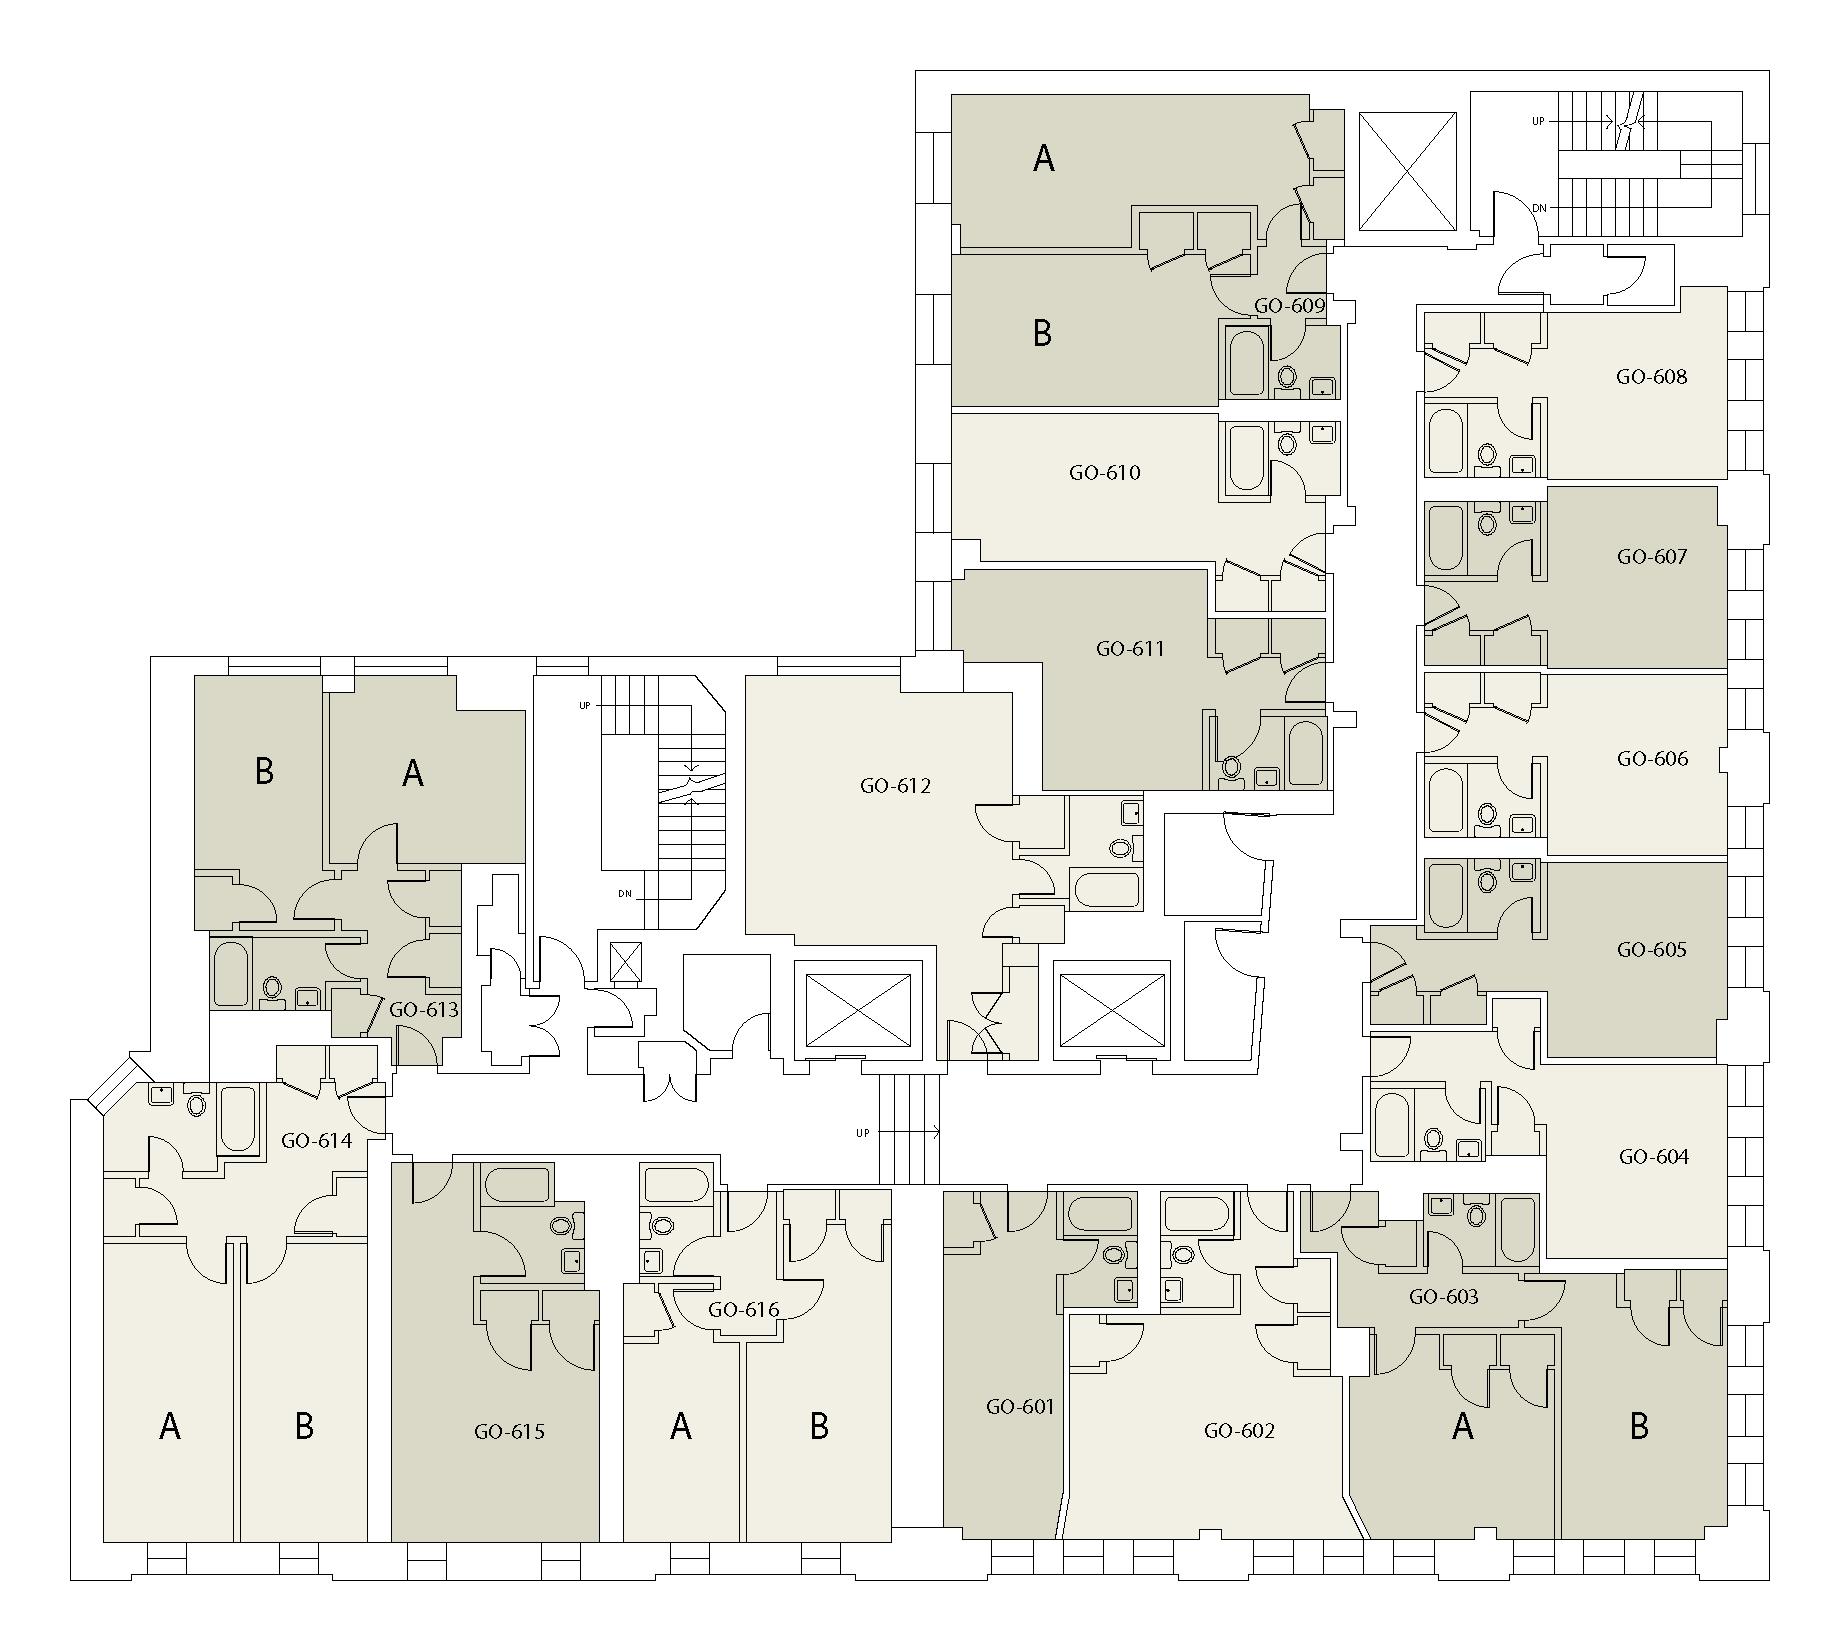 Floor plan for Goddard Floor 06